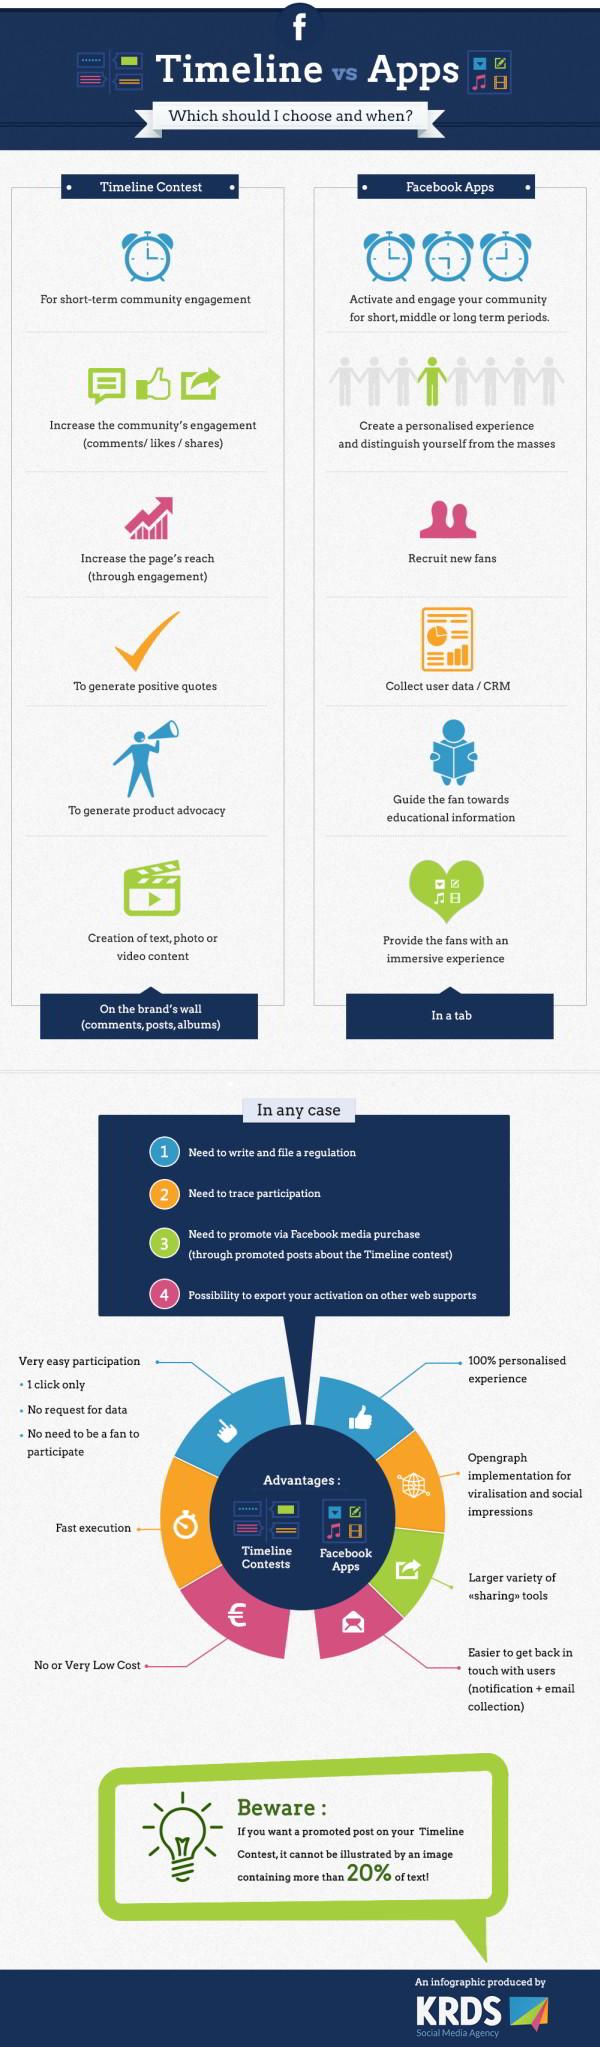 Facebook : timeline vs apps